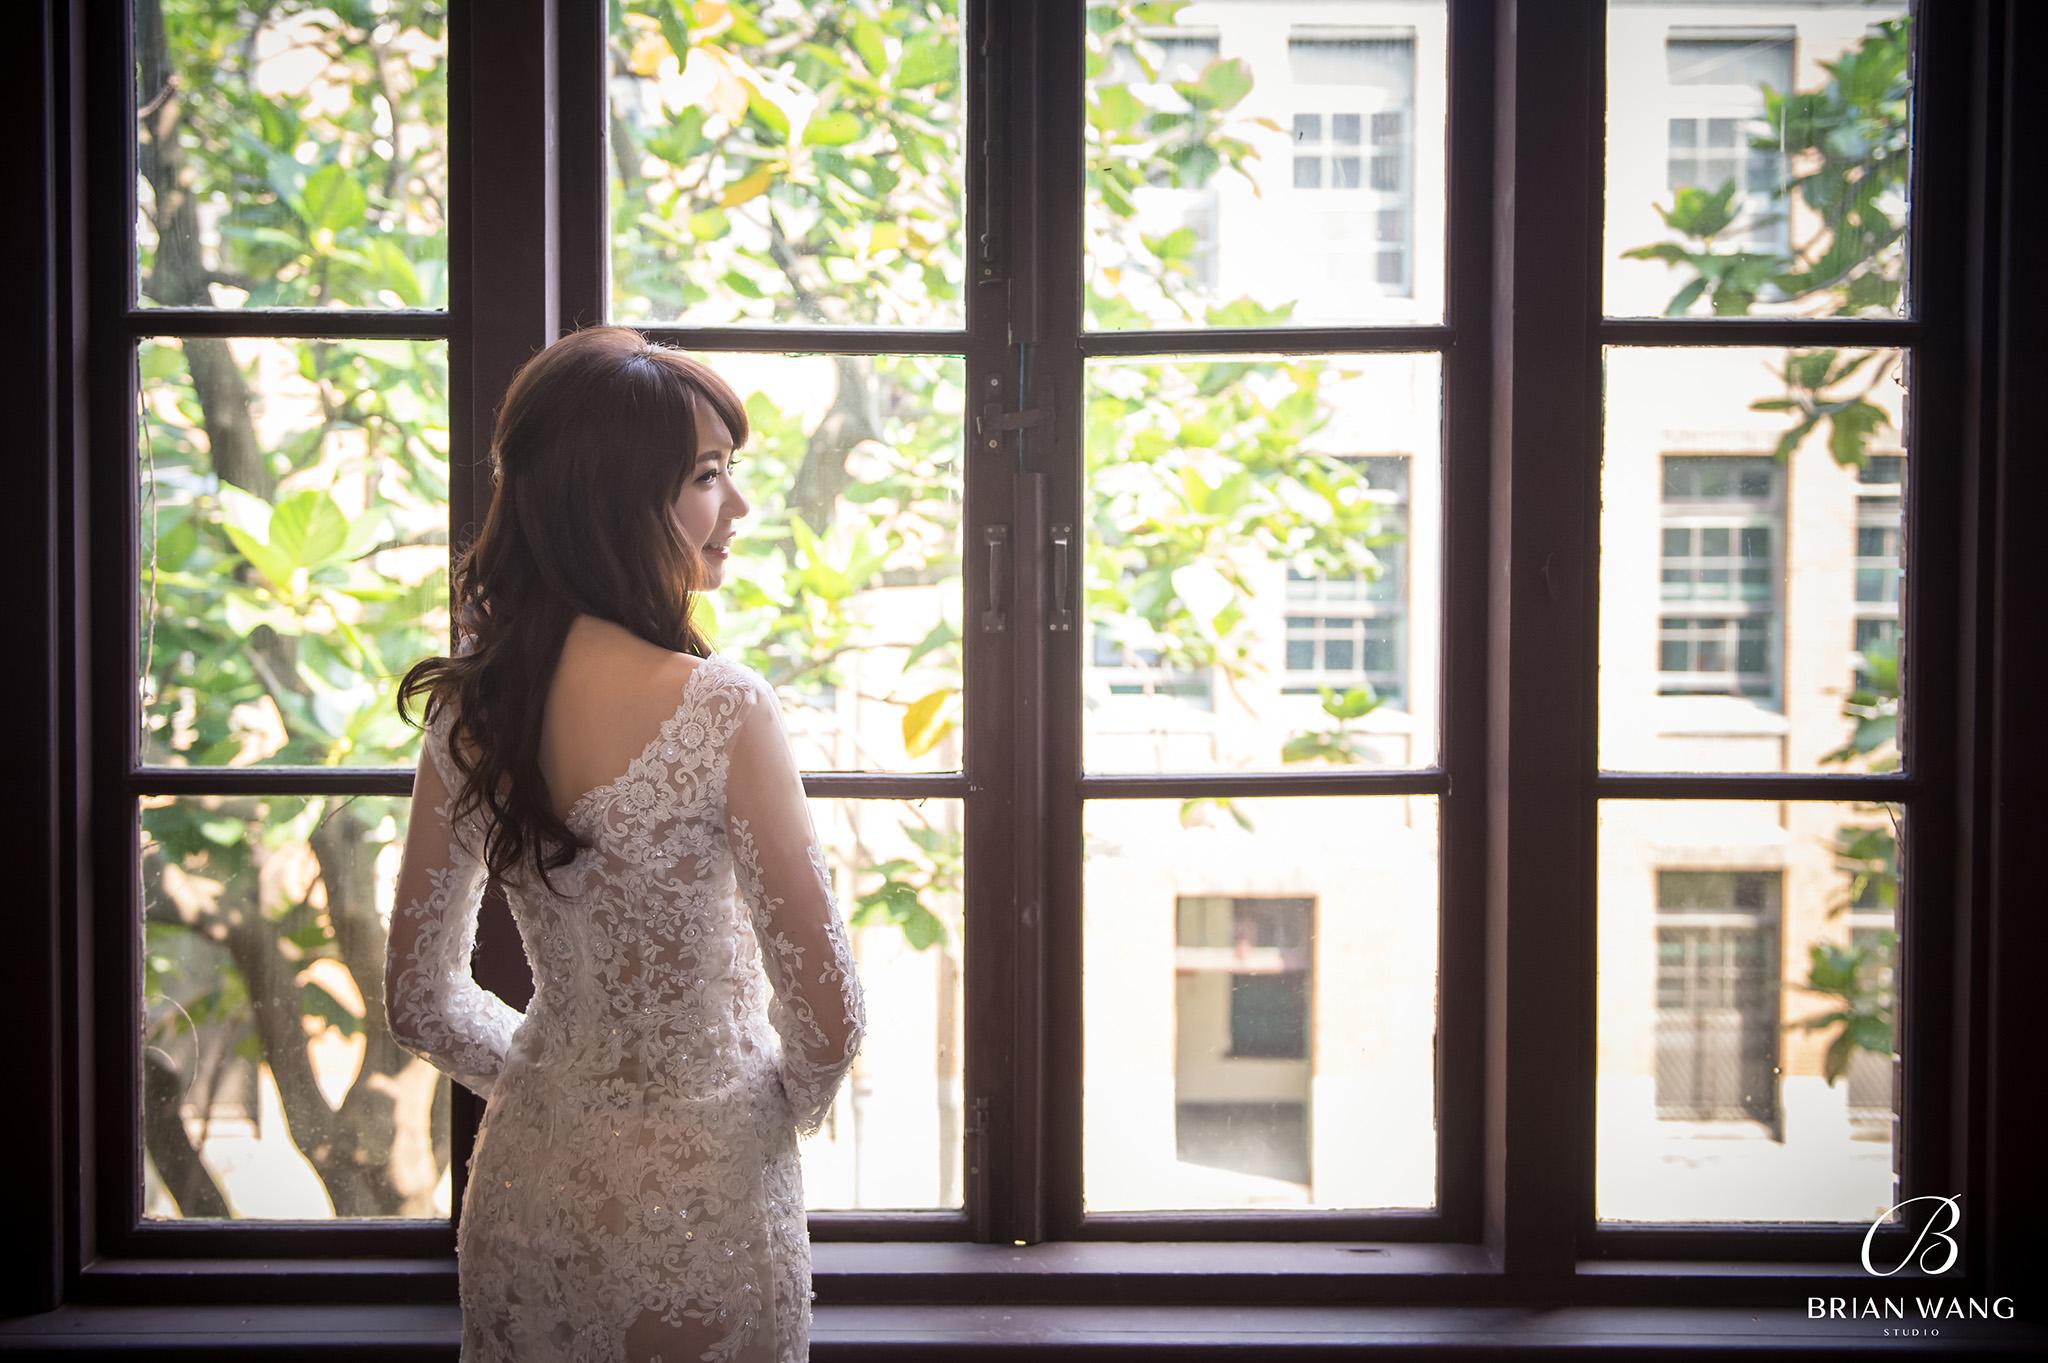 '陽明山黑森林婚紗,逆光婚紗,時尚曼谷婚紗,台大婚紗,台大校史館婚紗,食尚曼谷婚紗,婚紗價格,BWS_9464-0'